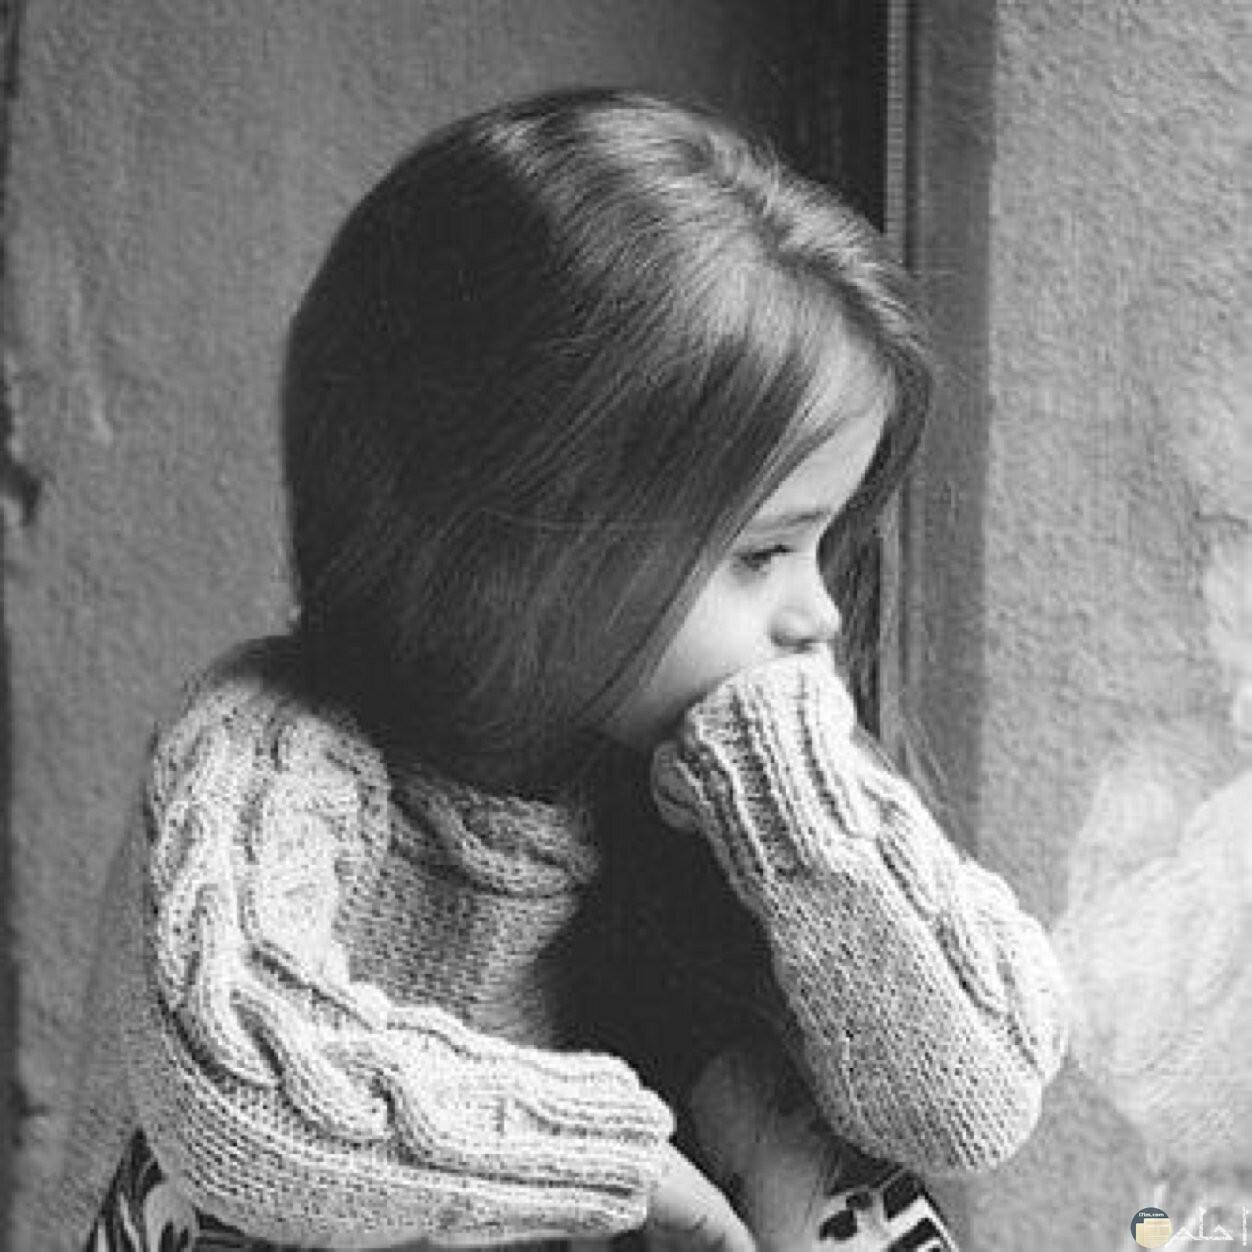 بنت صغيرة حزينة أبيض و أسود.